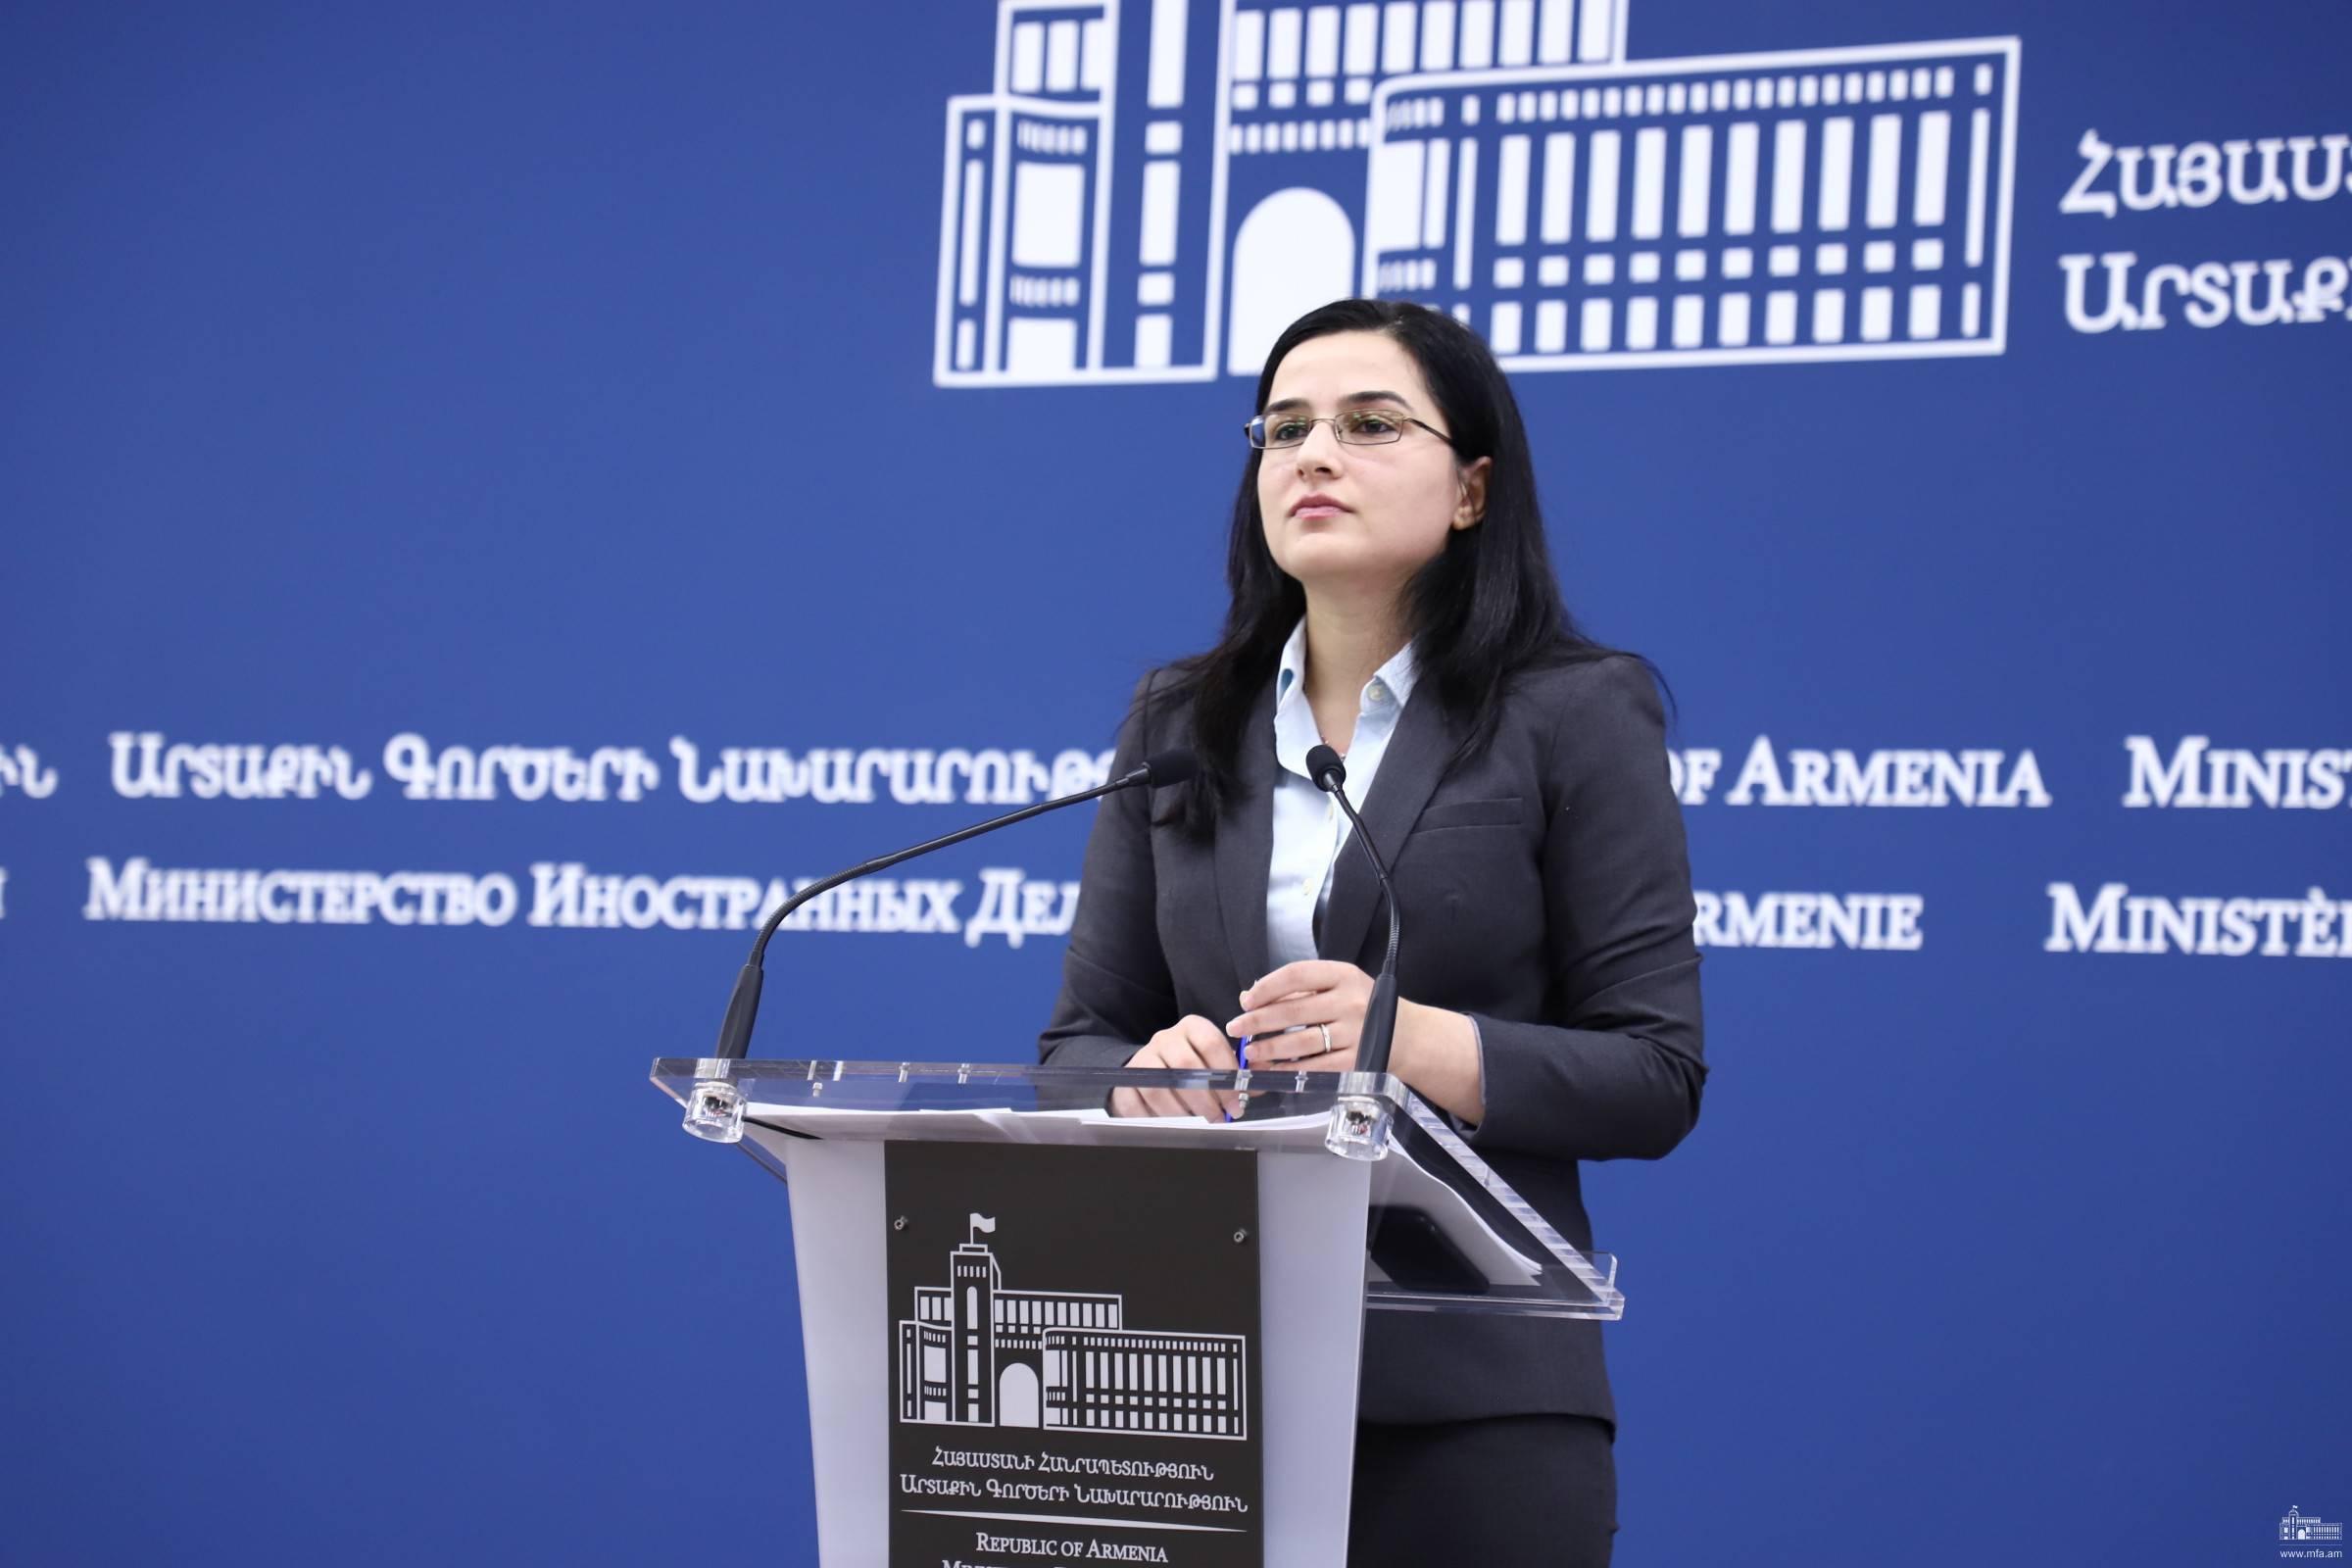 Ответ пресс-секретаря МИД Армении Анны Нагдалян на вопрос о происходящих в Ливане событиях